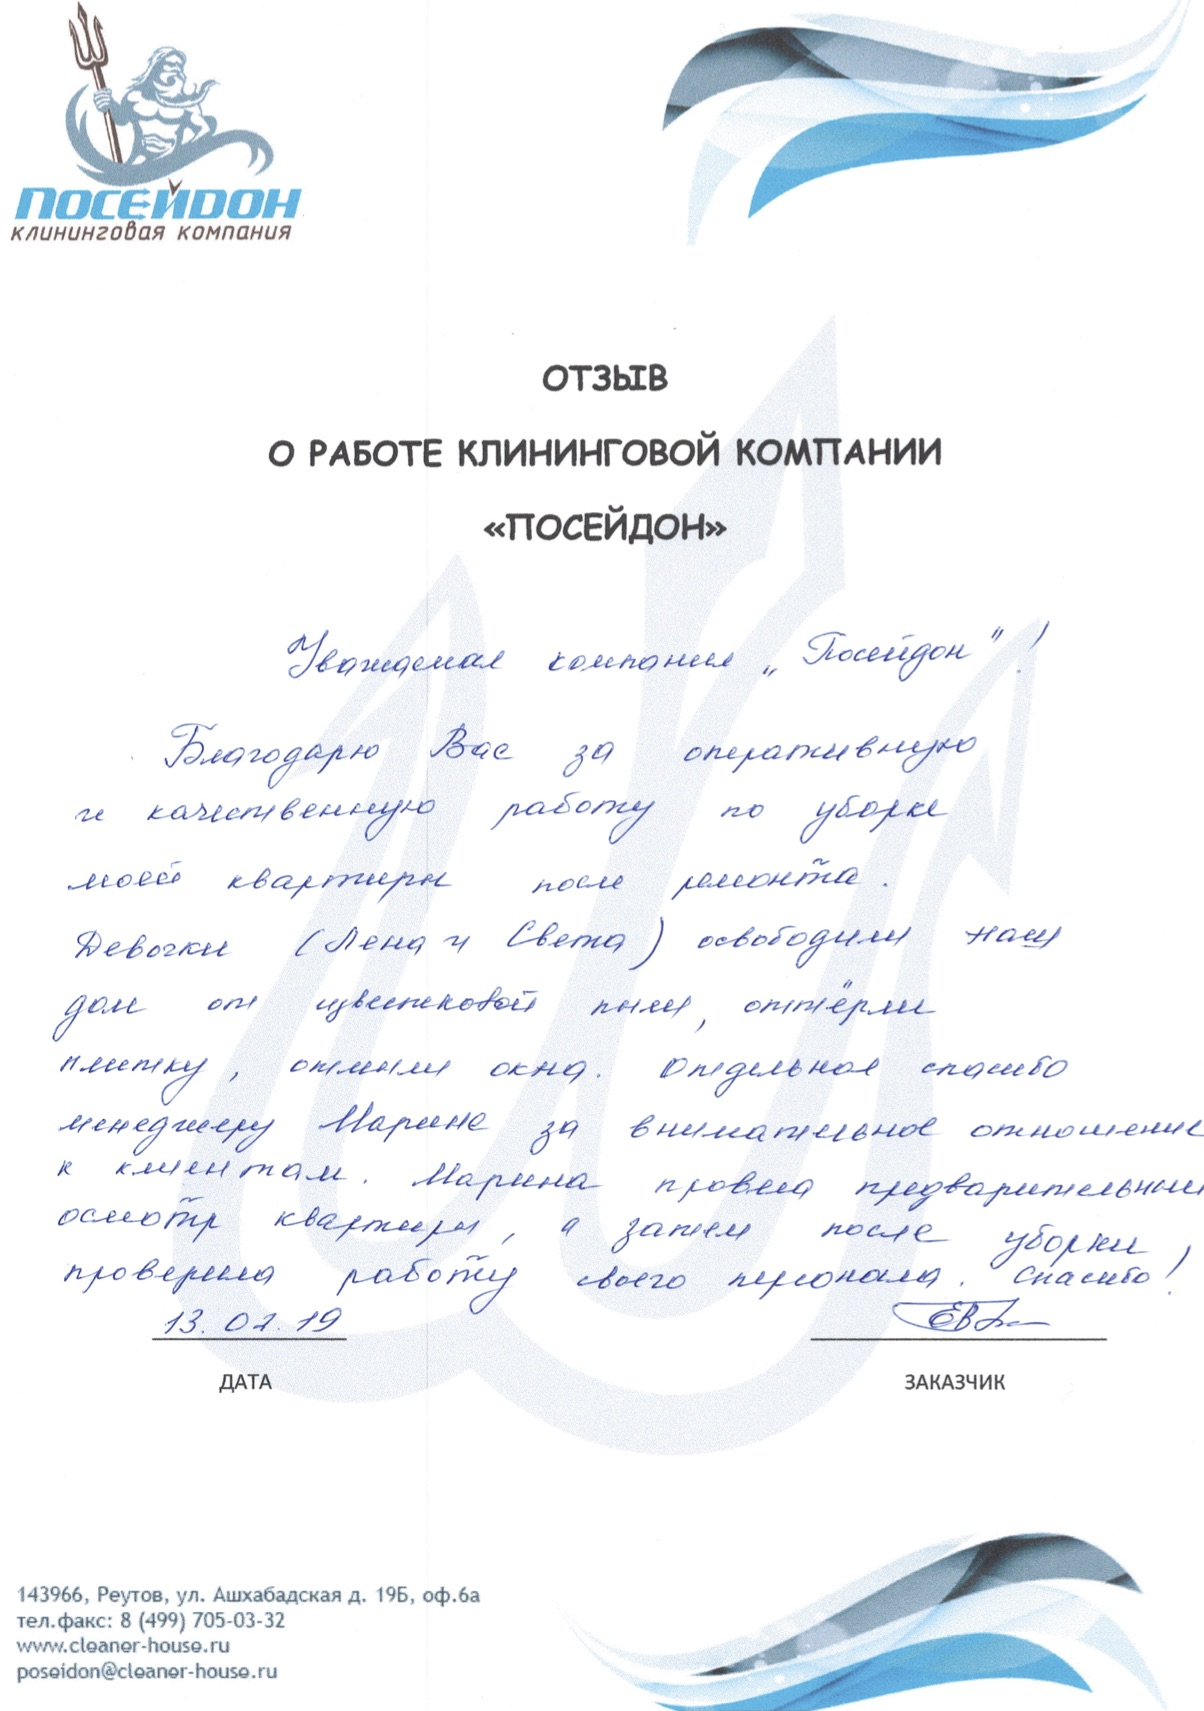 Клининговая компания и отзыв об уборке №83664